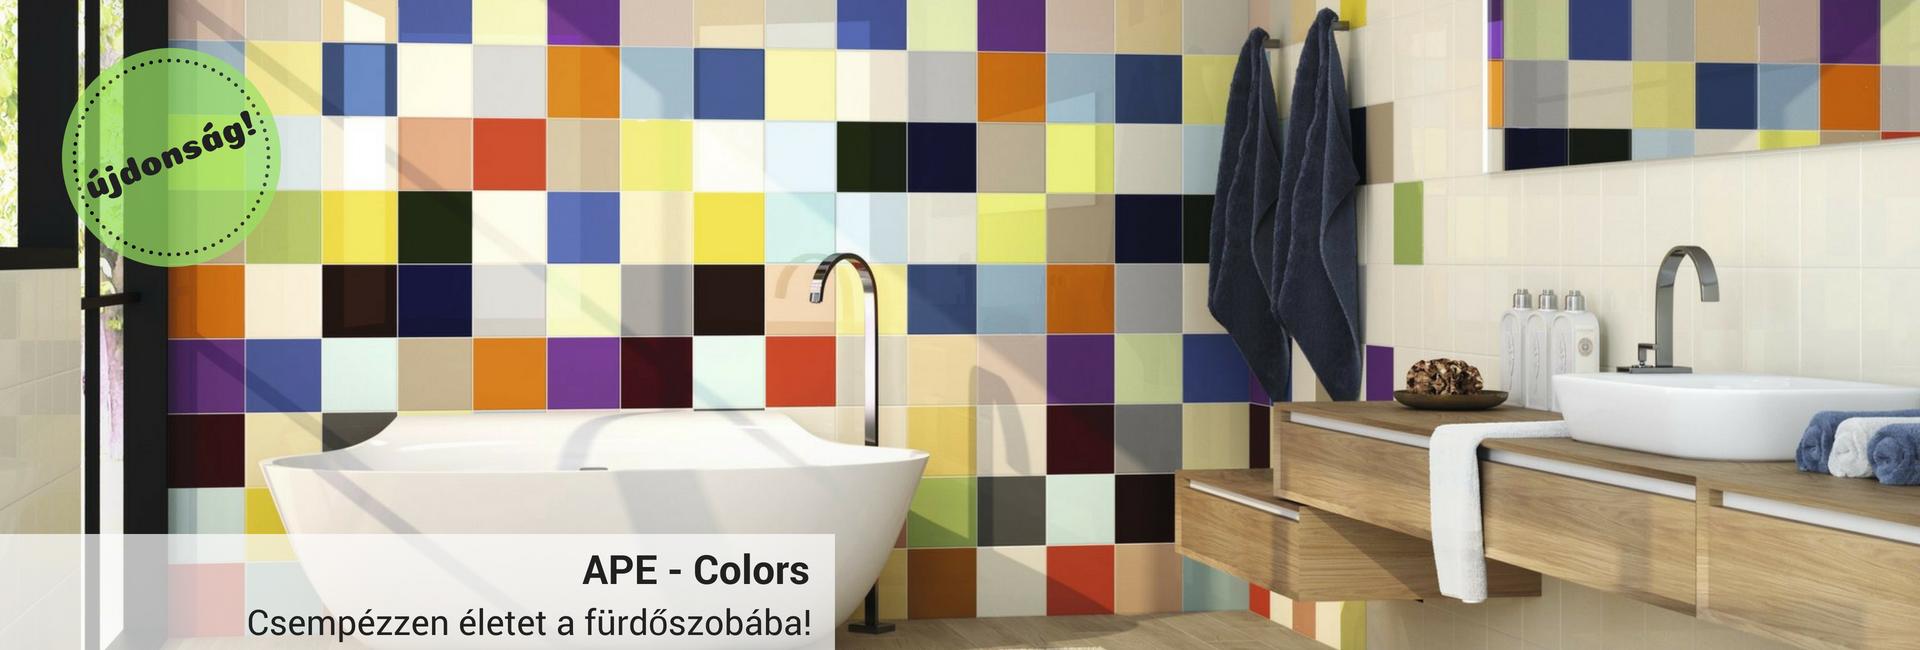 APE colors, burkolatcentrum, csempe, design